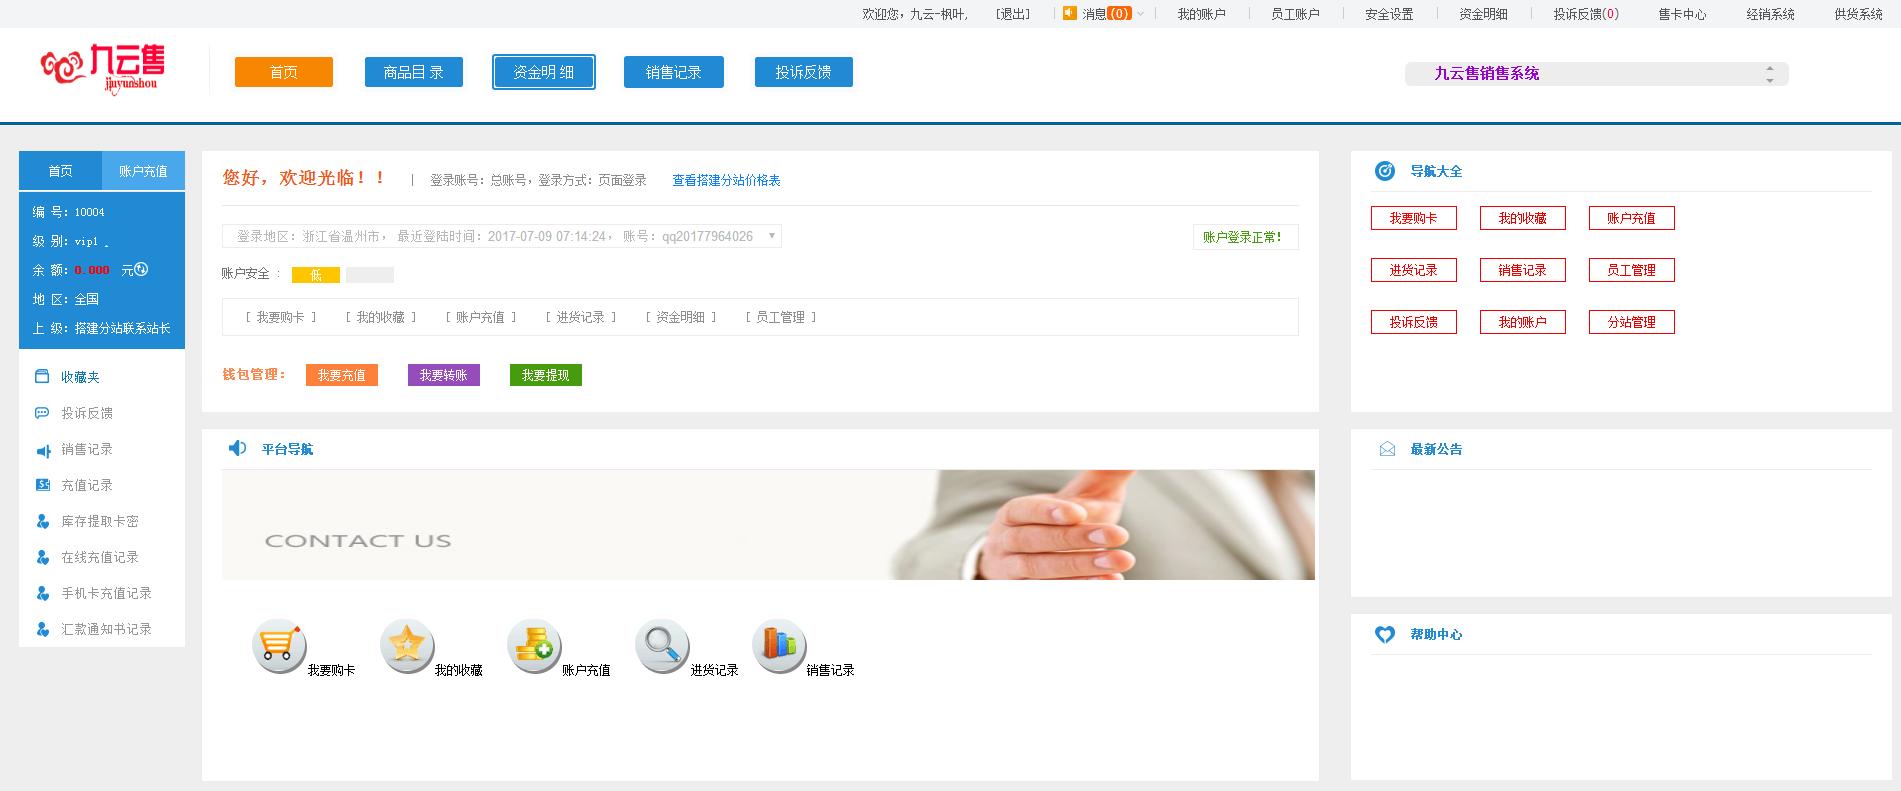 九云售二开亿世界卡易信内页